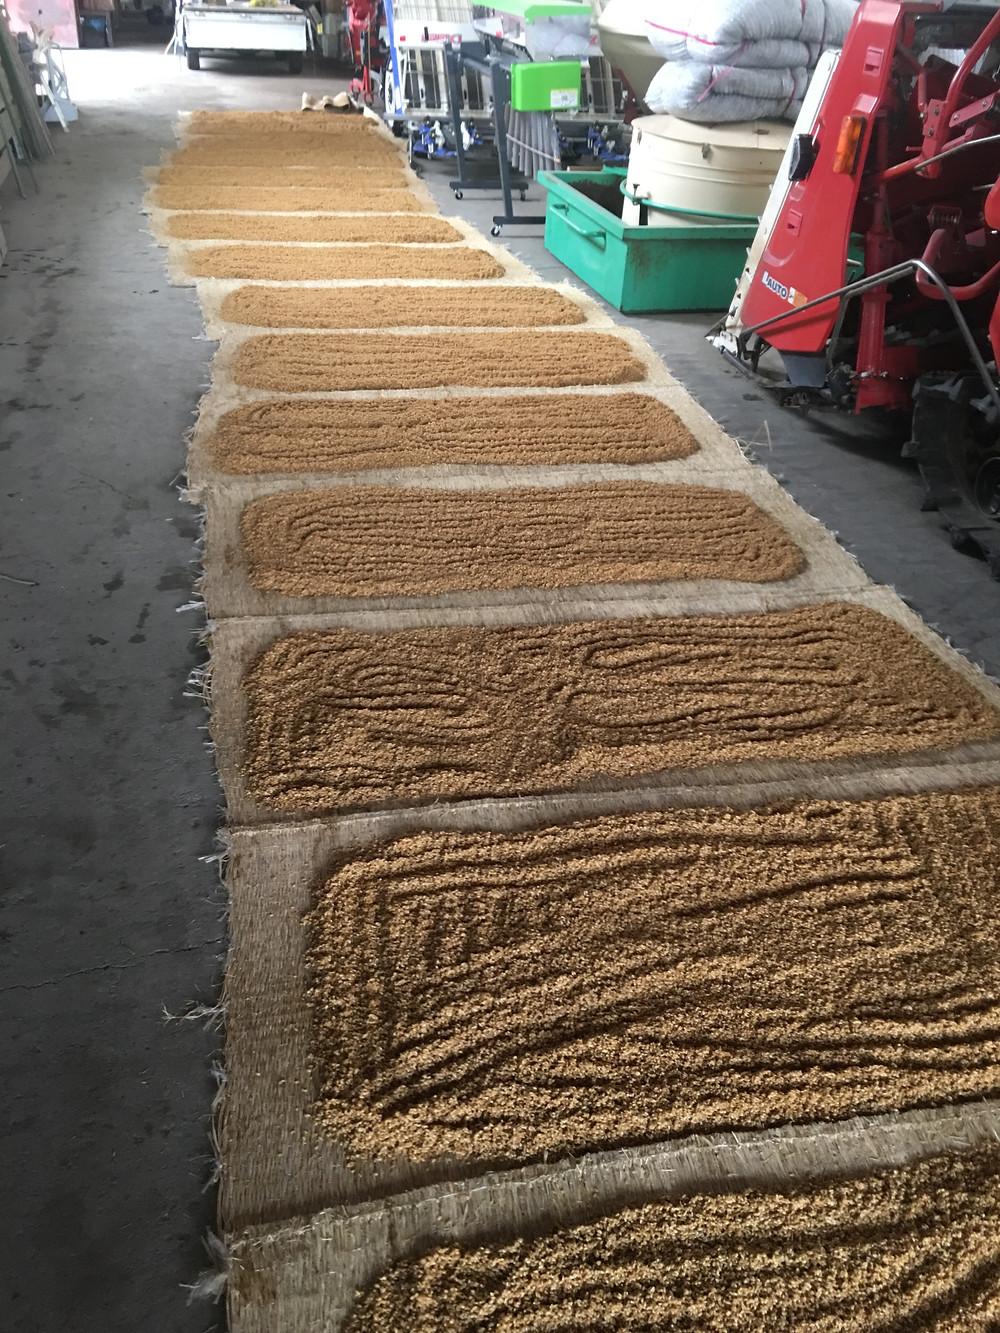 種籾を乾燥させている様子(その2)